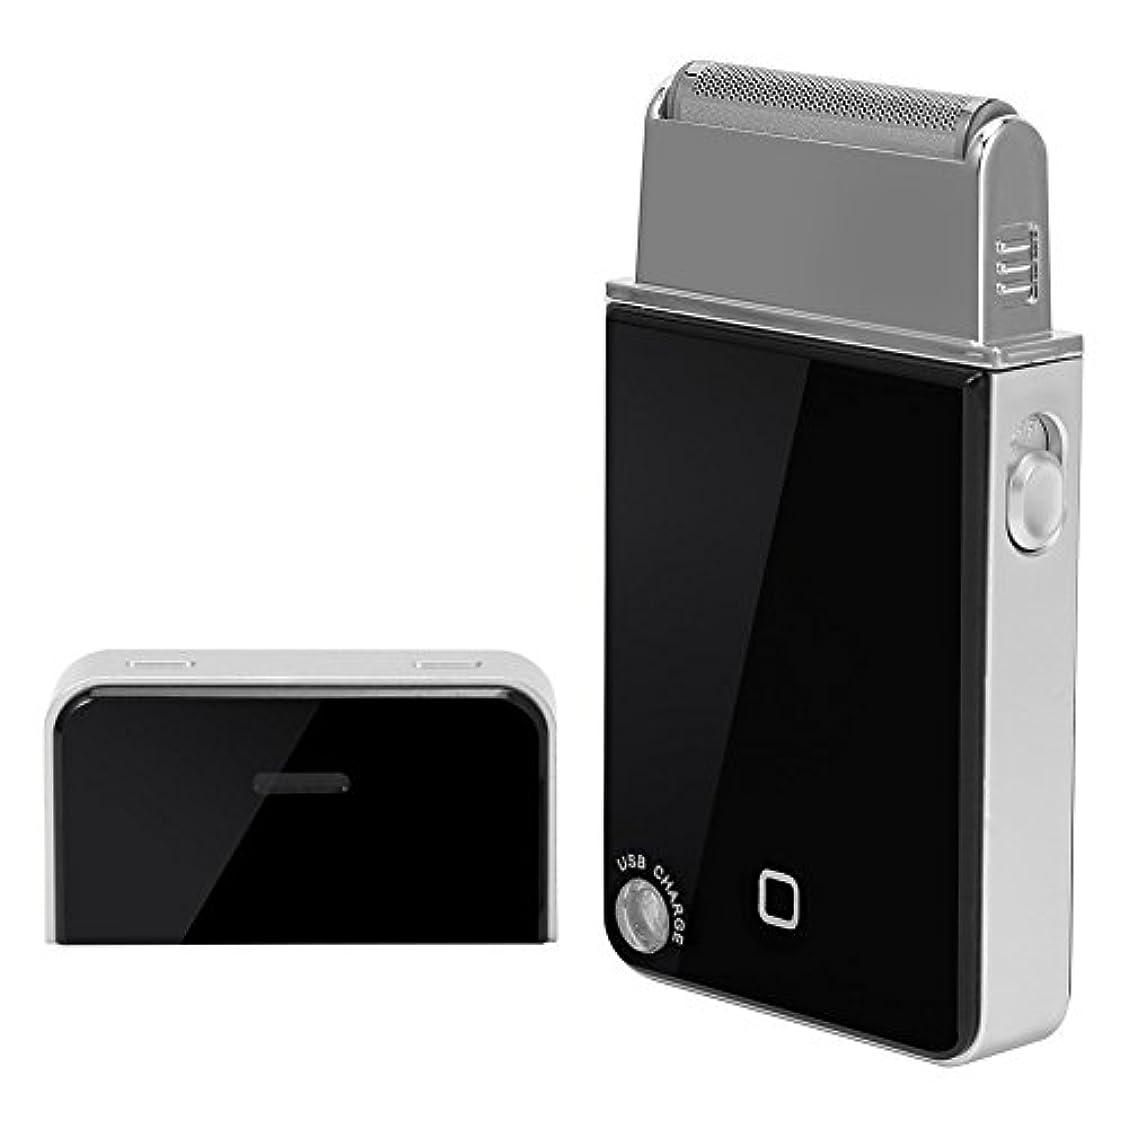 通行人弱まる要旨USB充電器付きメンズ電気シェーバー充電式洗える超薄型ウェットとドライシェーバーフェイスシェーバー電気カミソリピストン